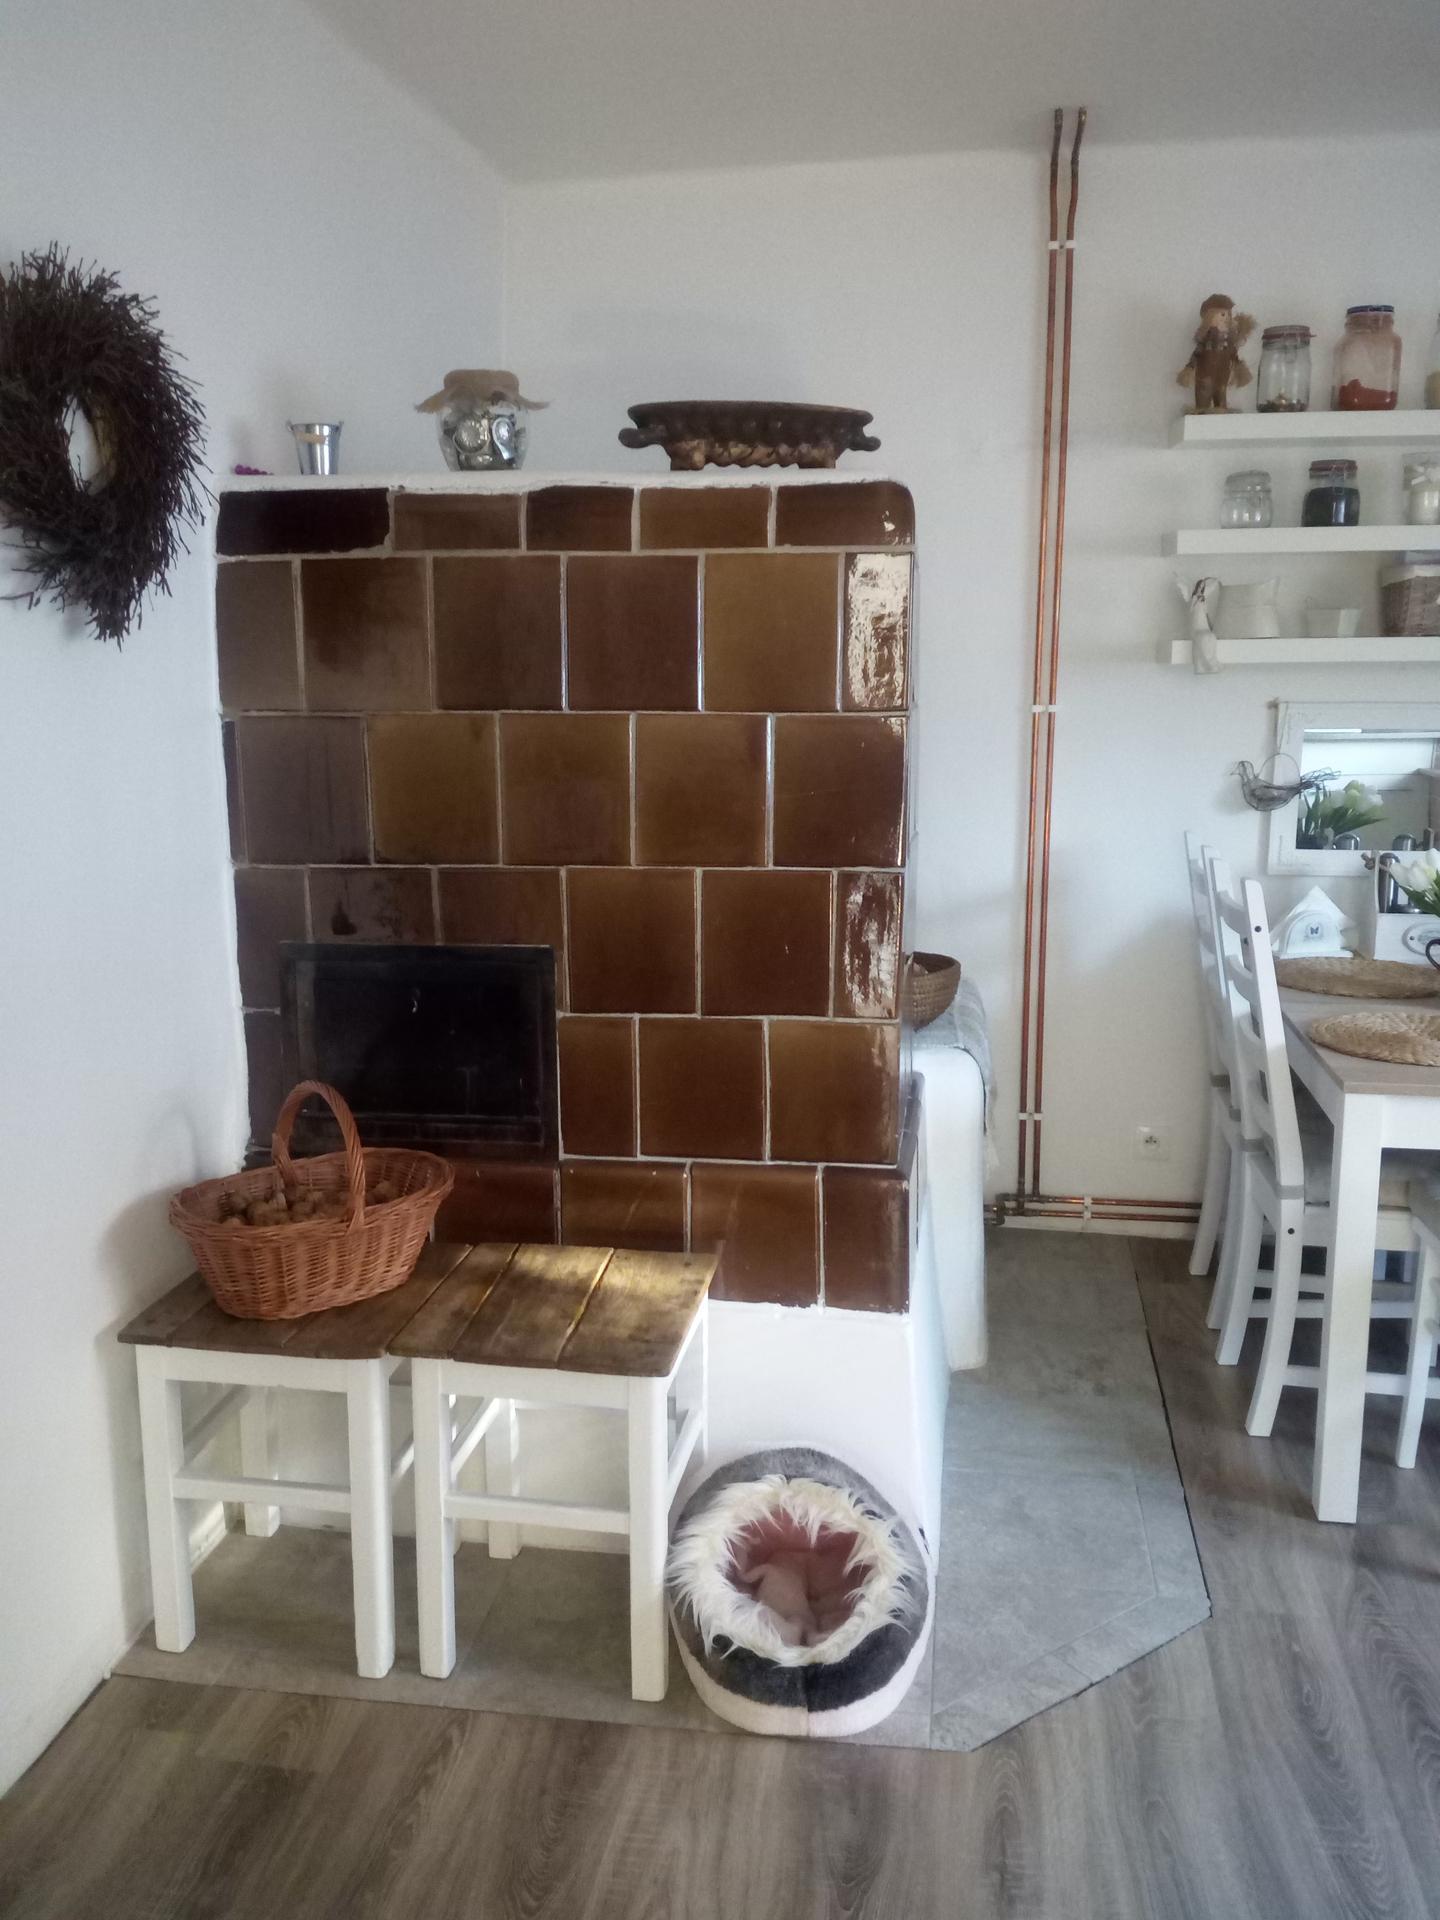 V naší kuchyni - Obrázek č. 4